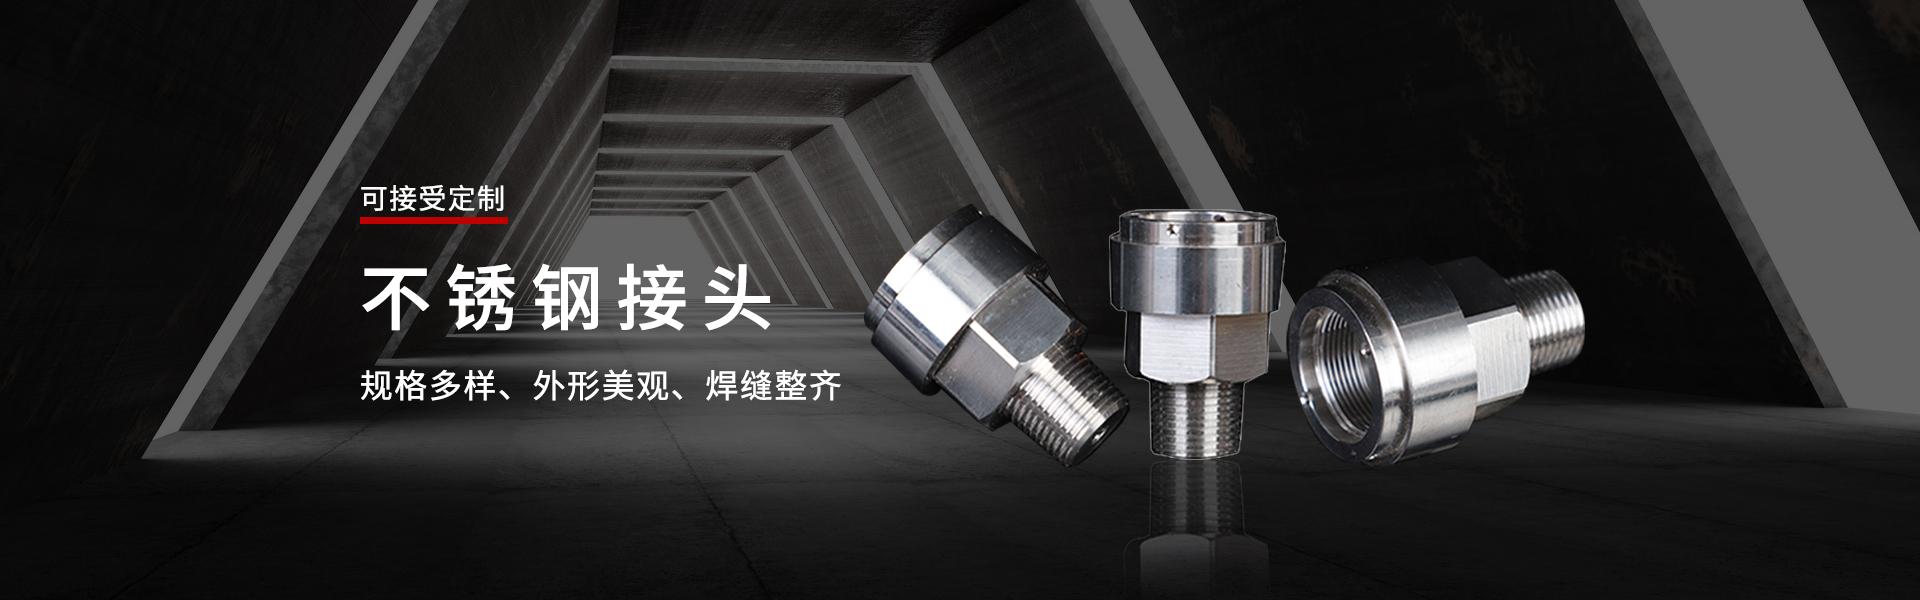 兴化市新亚电热电器材料厂